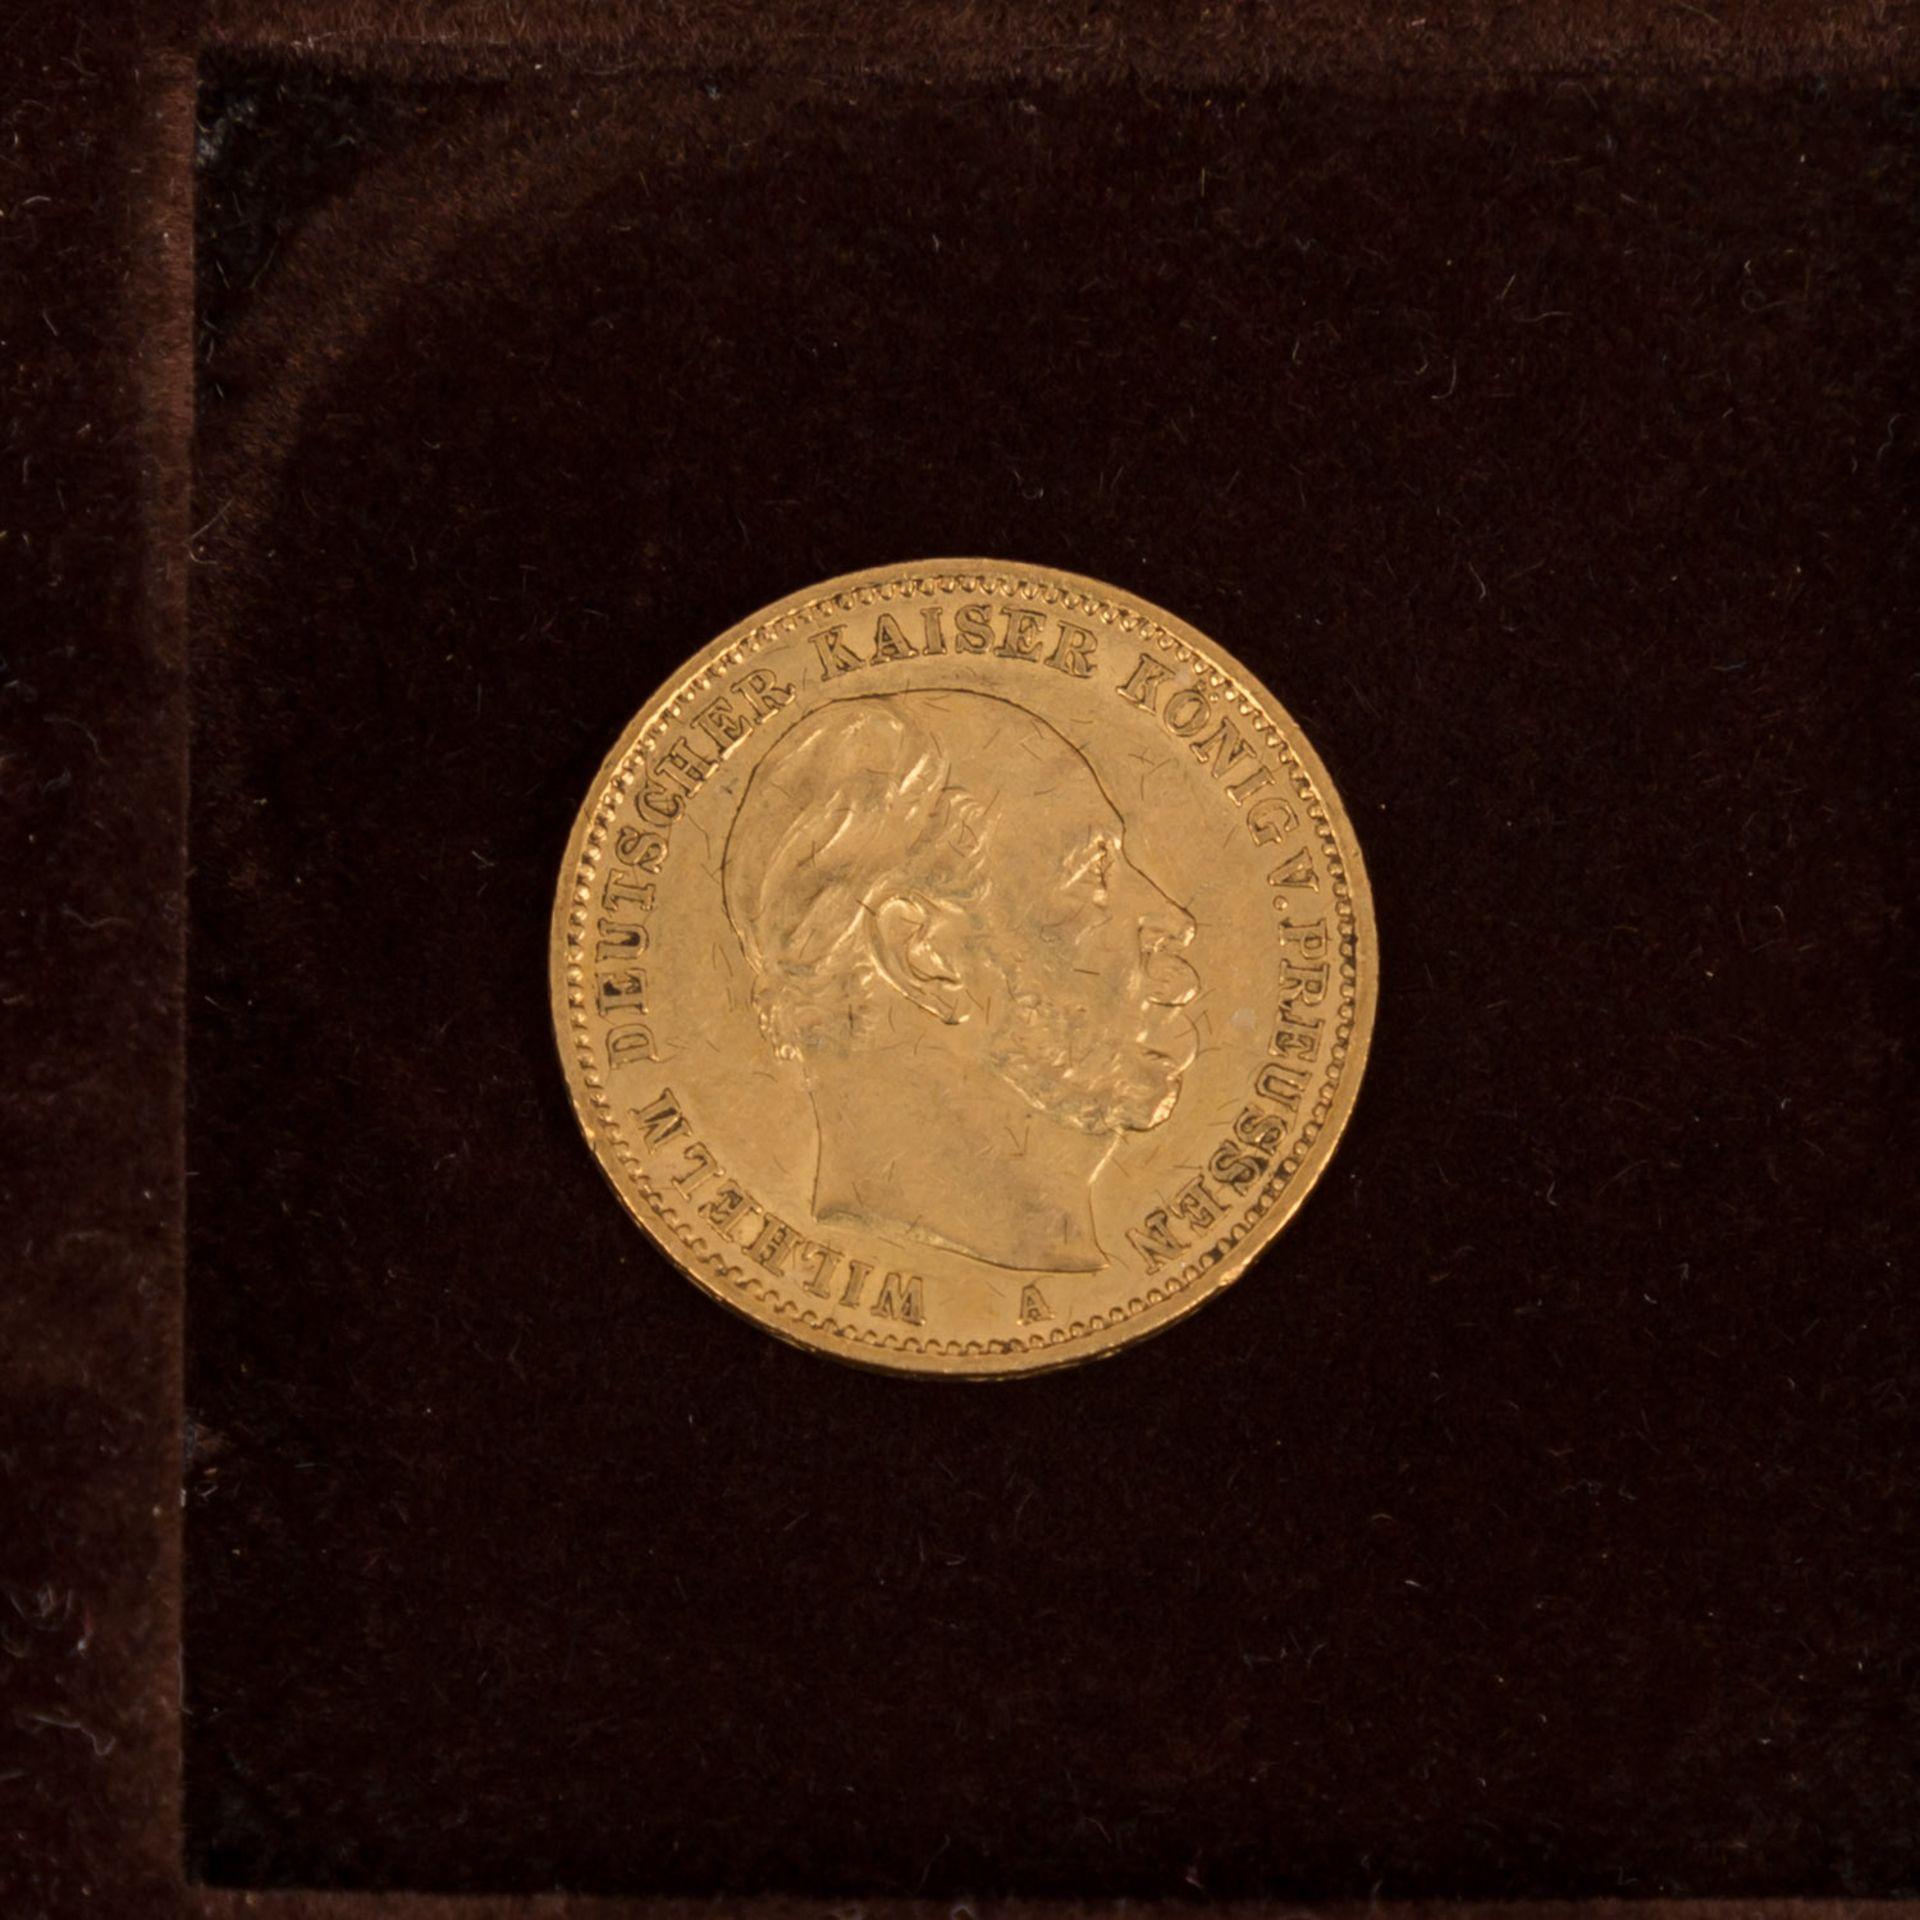 GOLDSCHATZ ca. 83 g fein, Holzkiste bestehend aus - Bild 9 aus 9